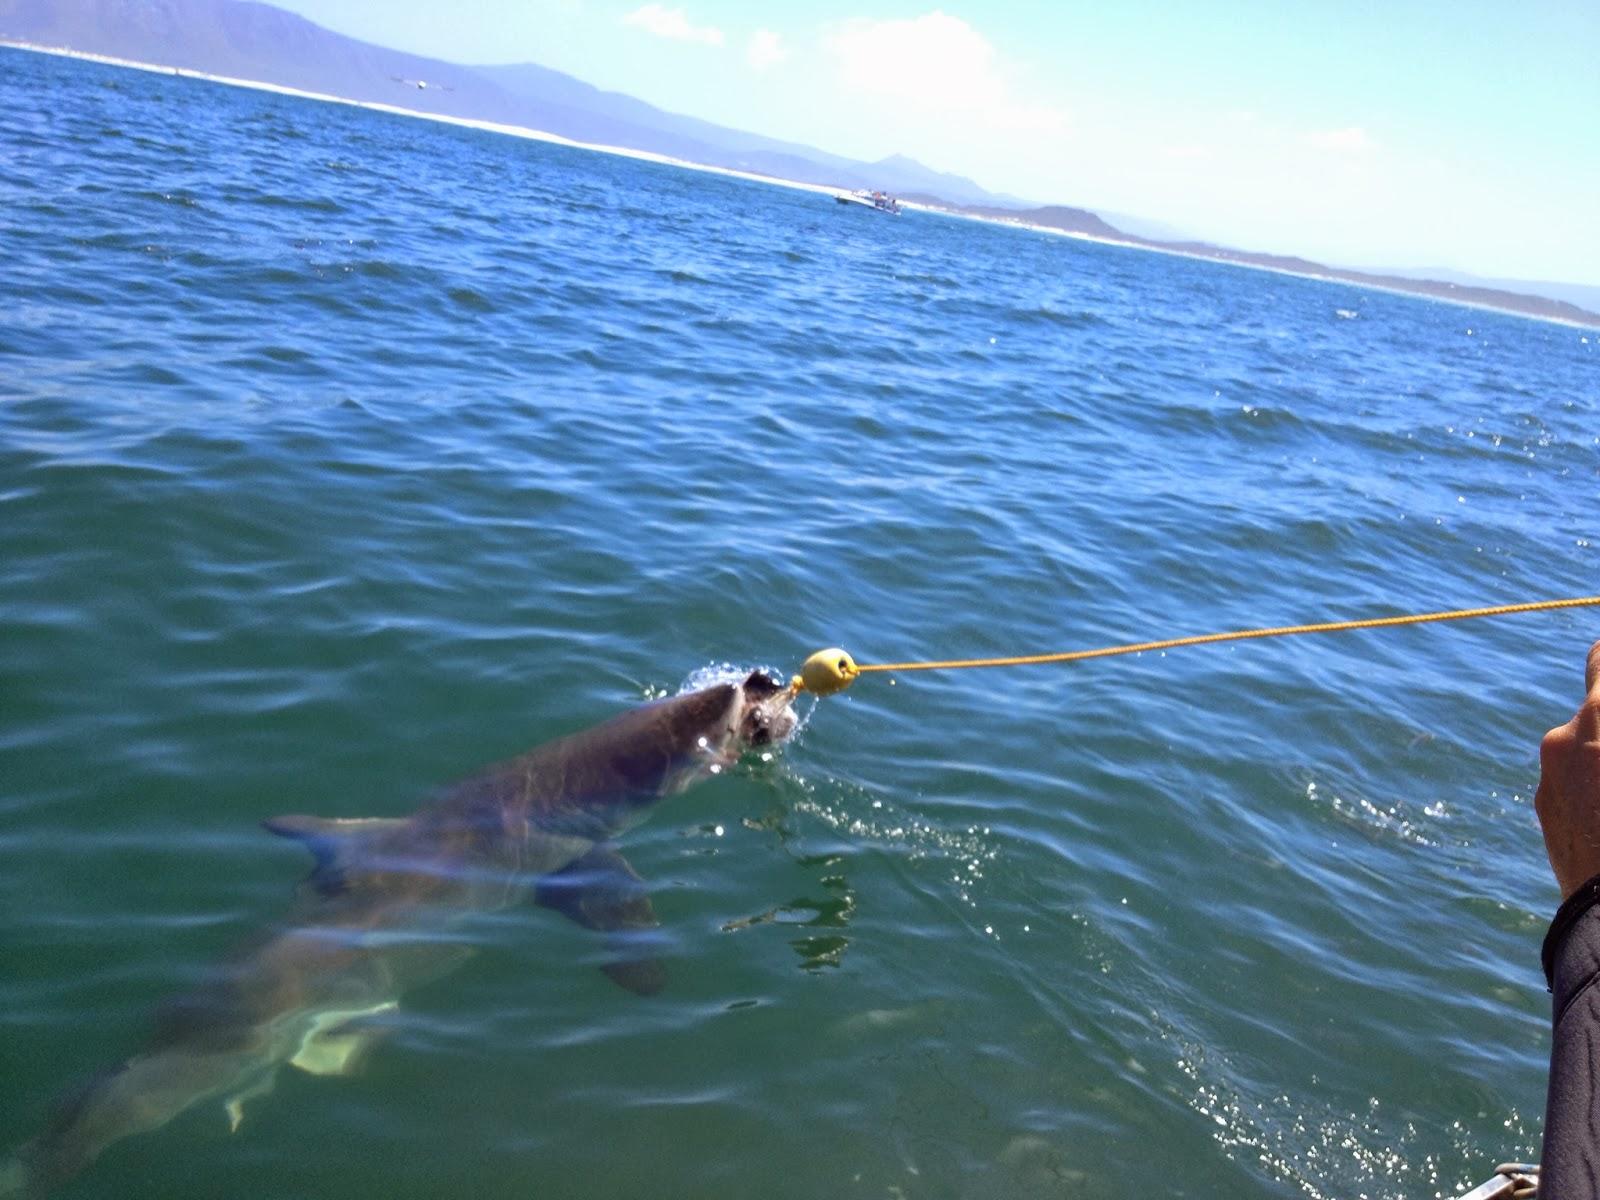 Kleinbaai - A shark taking the bait